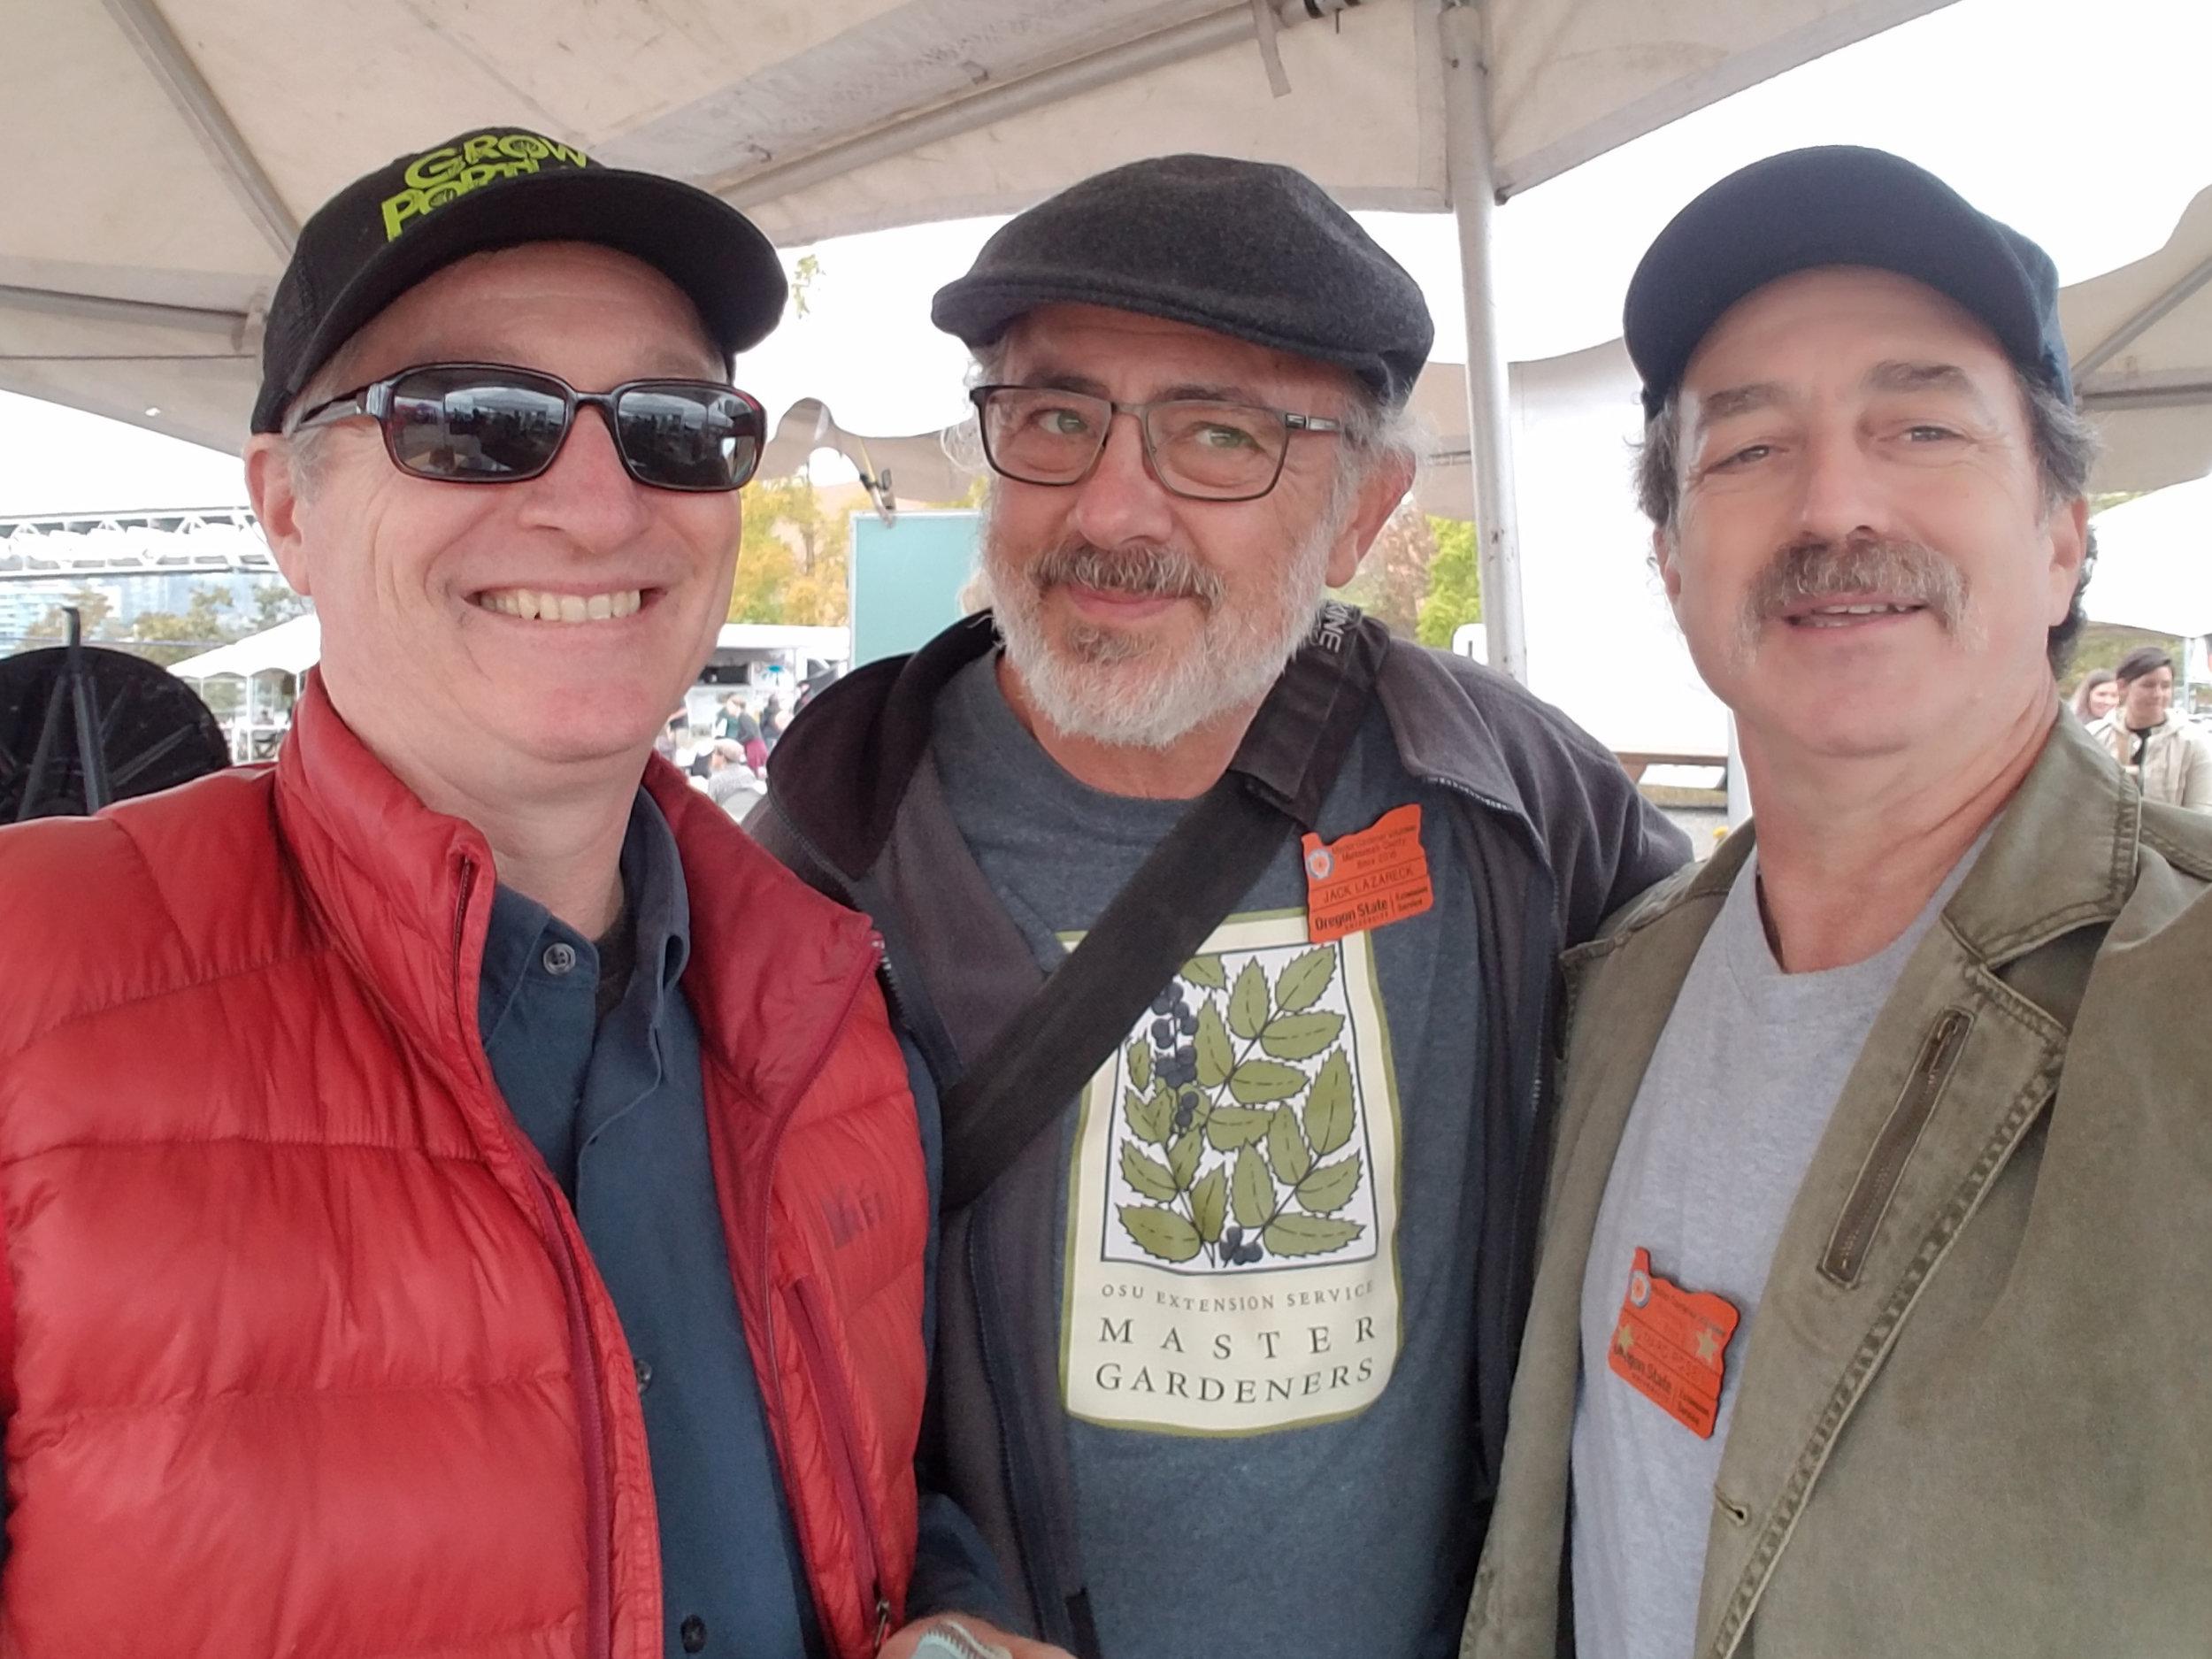 Weston Miller, Jack lazareck and Eddie rosen enjoying the day!